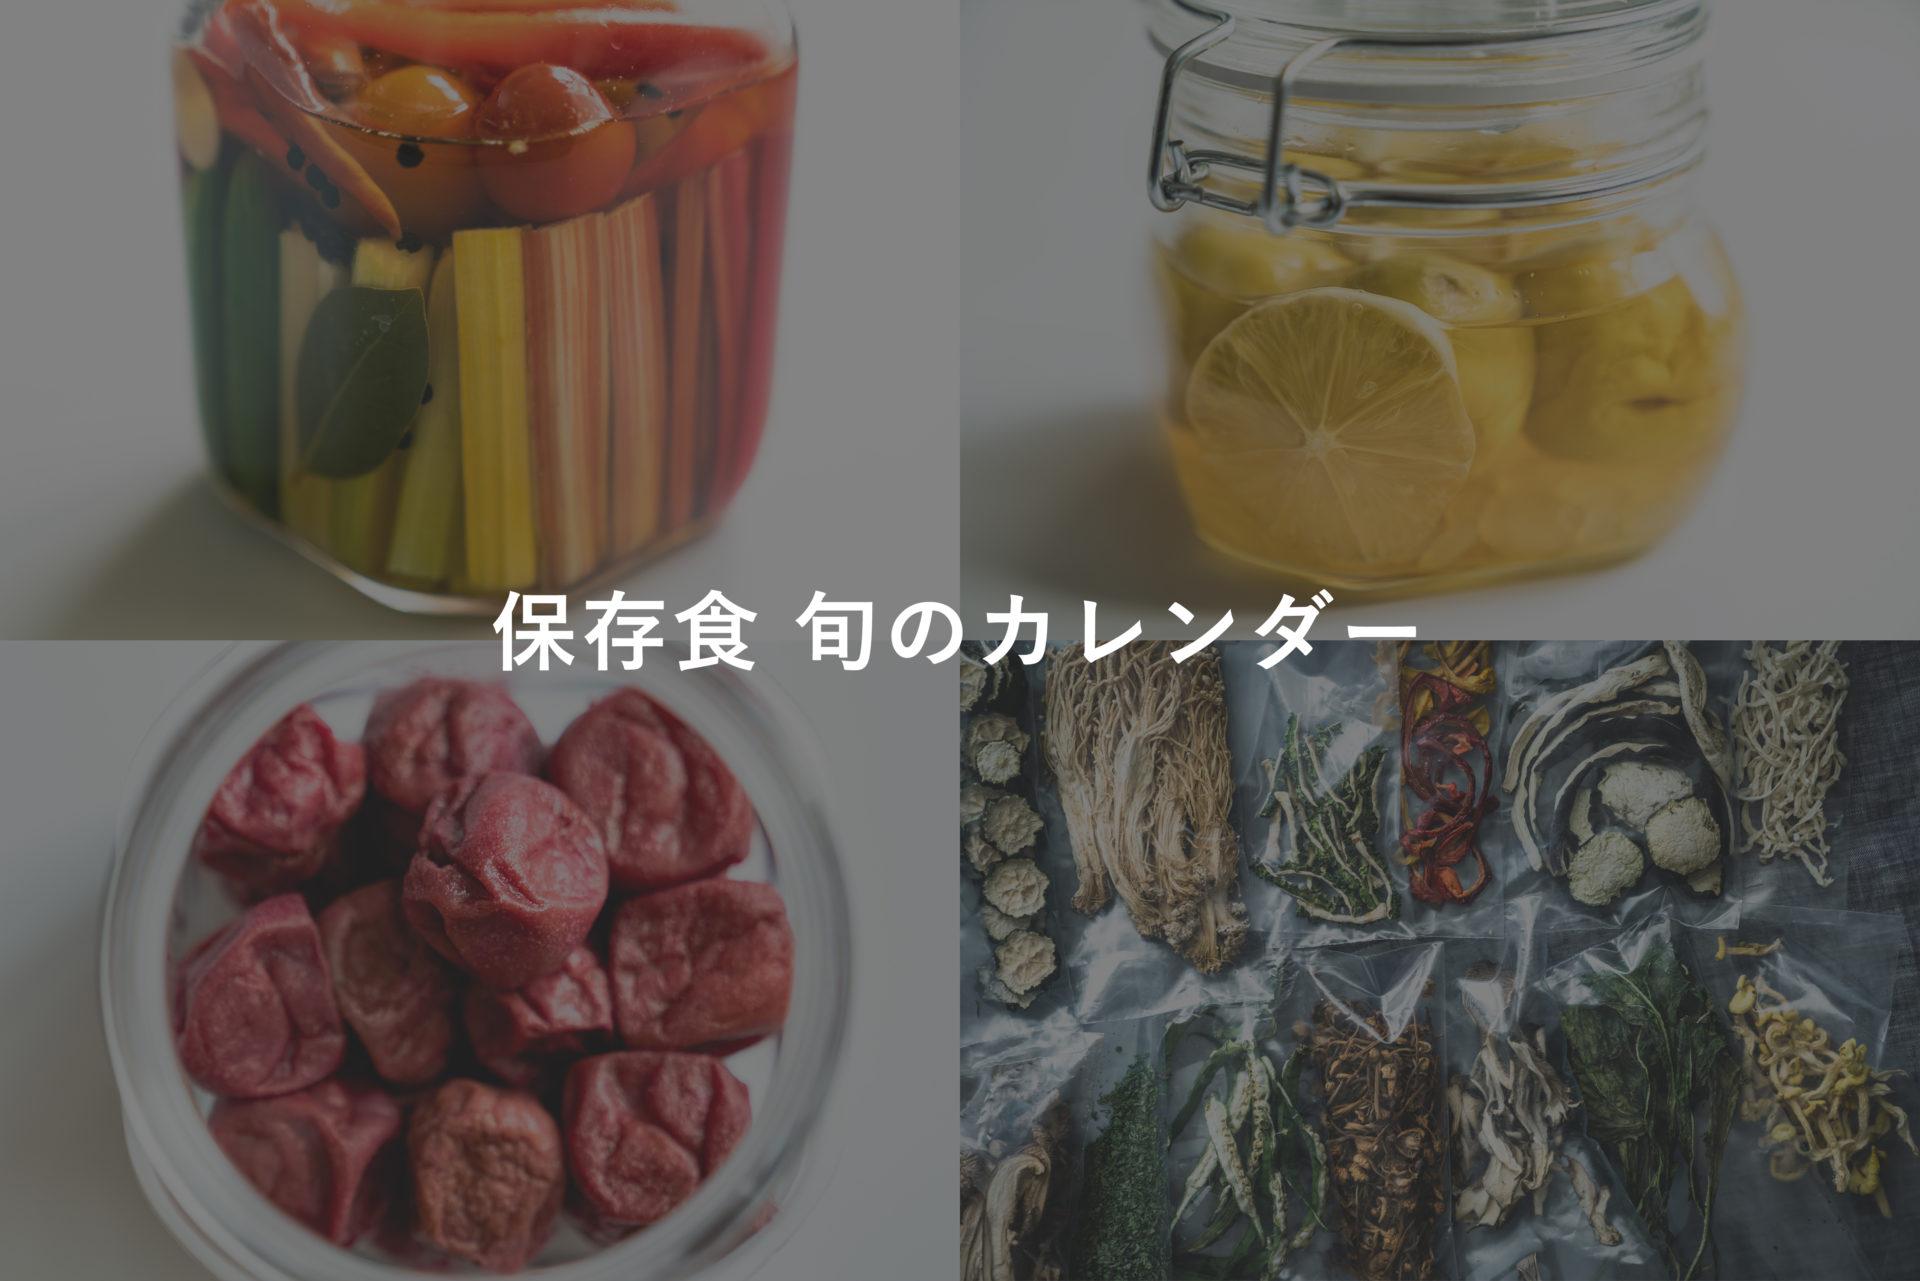 保存食カレンダー 旬の食材を使って保存食をつくる